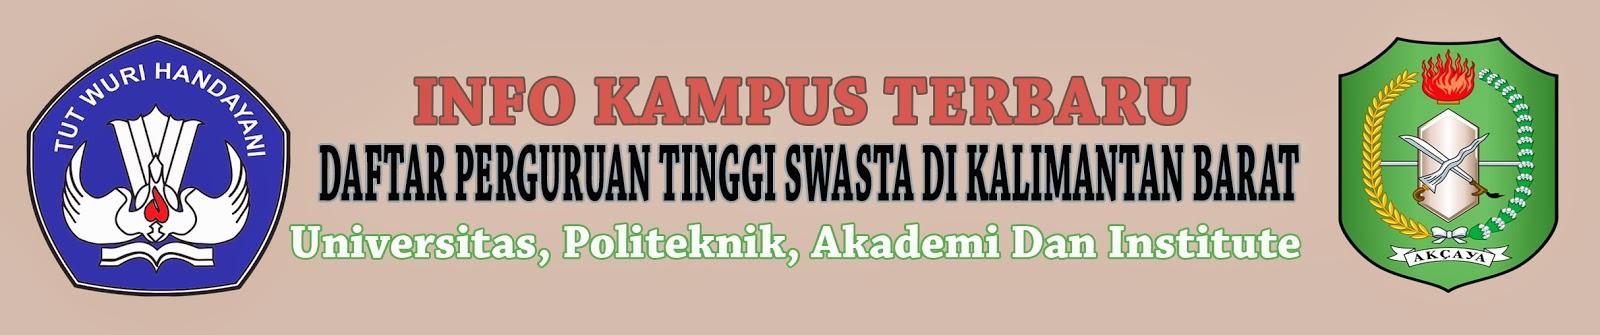 Daftar Perguruan Tinggi Swasta Di Kalimantan Barat